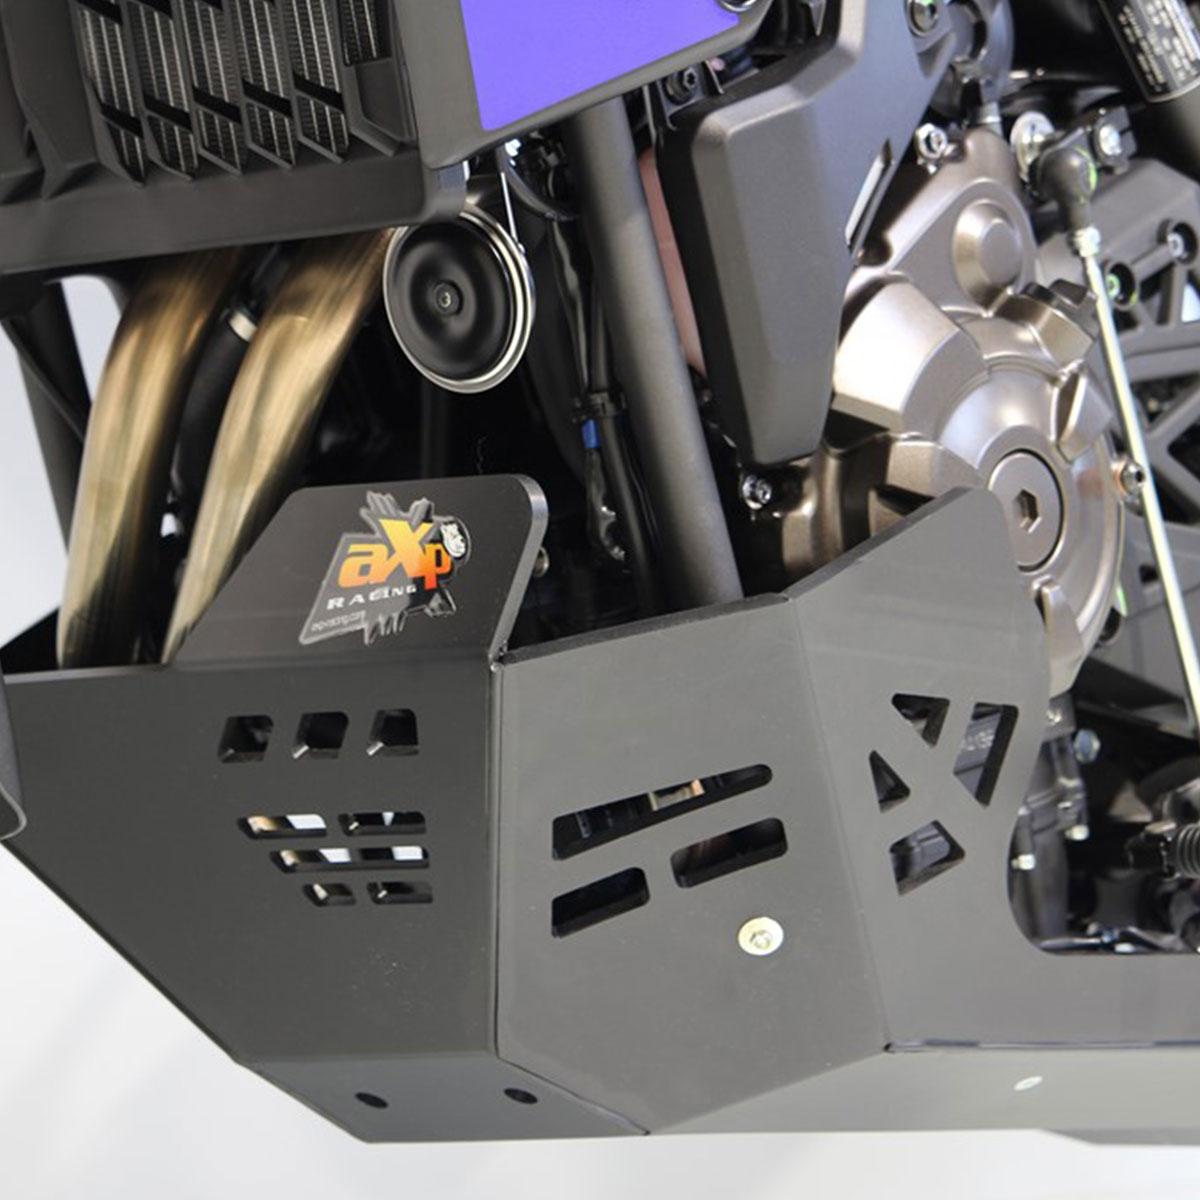 画像1: テネレ700のエンジンを8mm厚の樹脂でがっちりガード